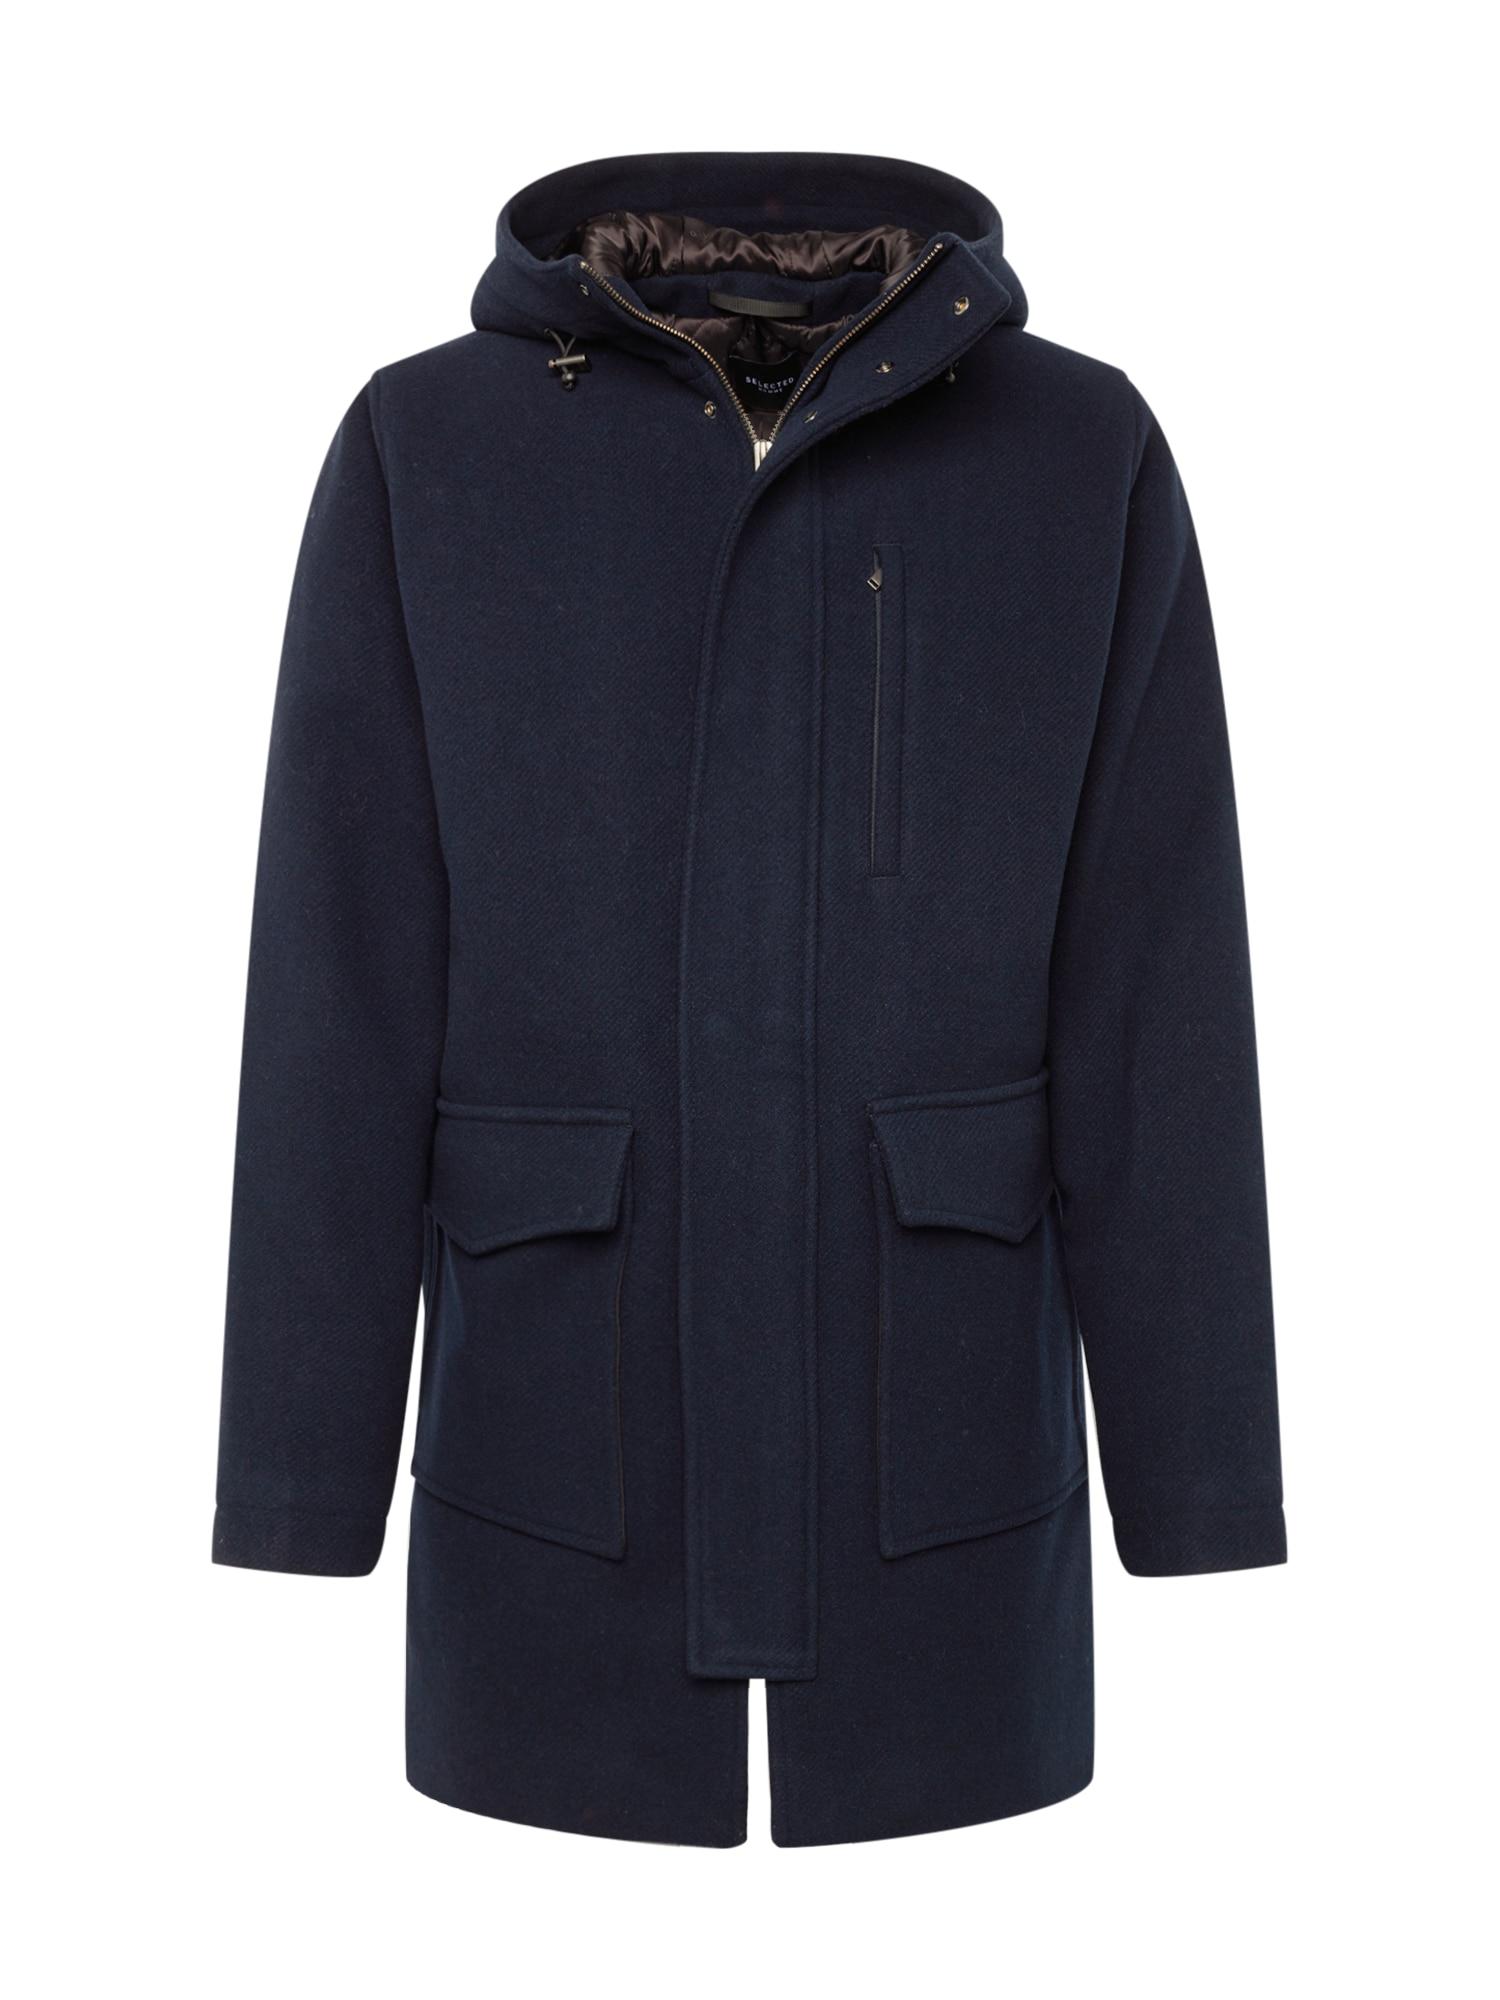 SELECTED HOMME Žieminis paltas tamsiai mėlyna